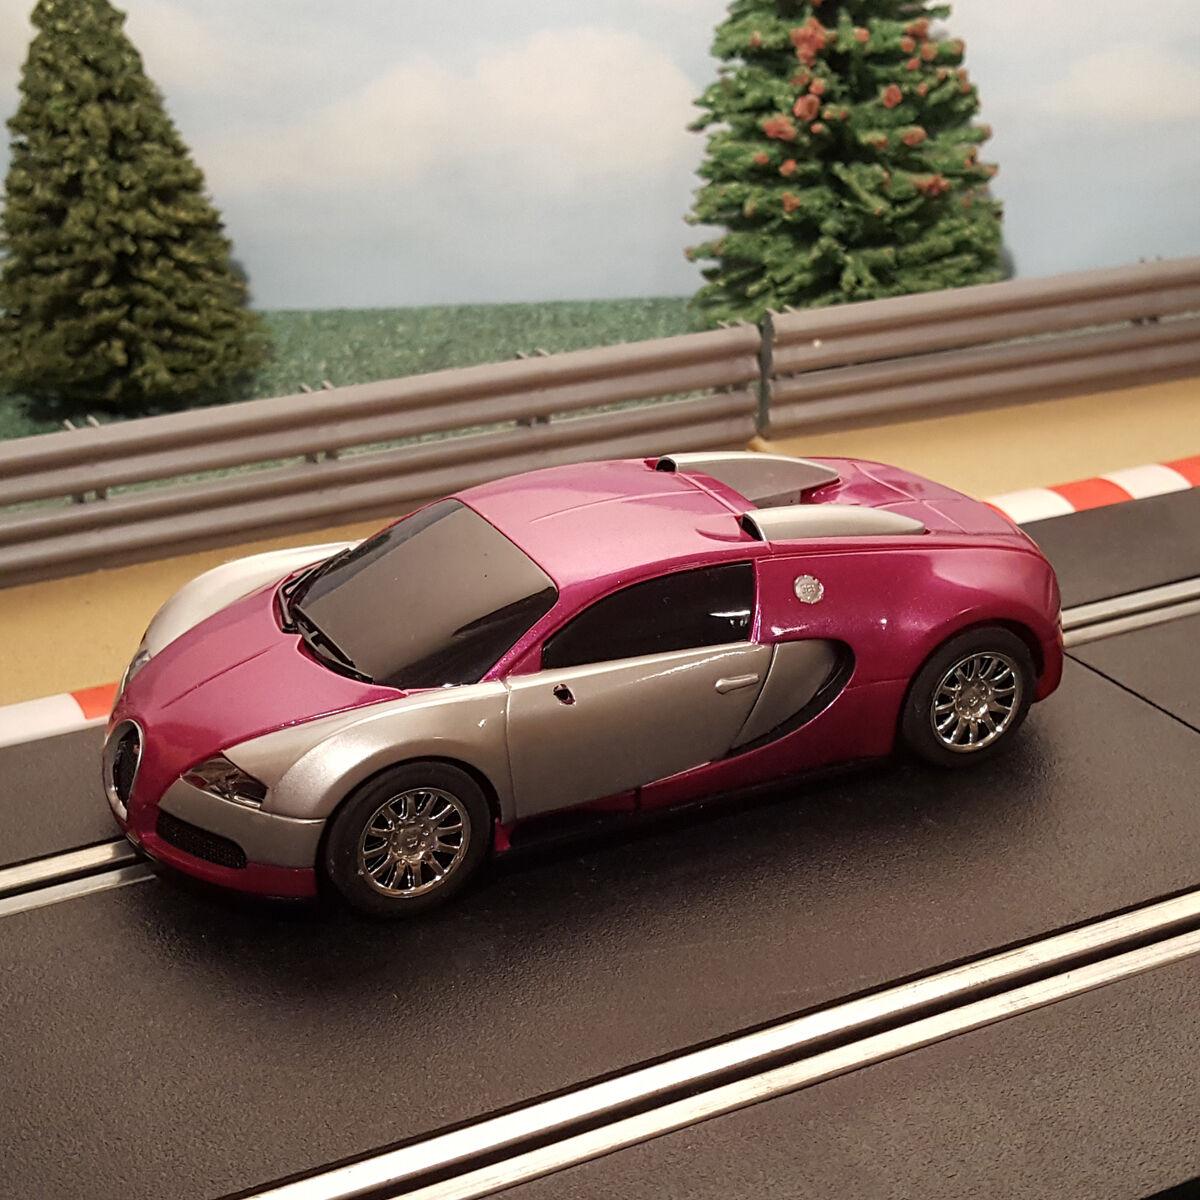 Scalextric 1 32 Digital Car - Purple Bugatti Veyron  M